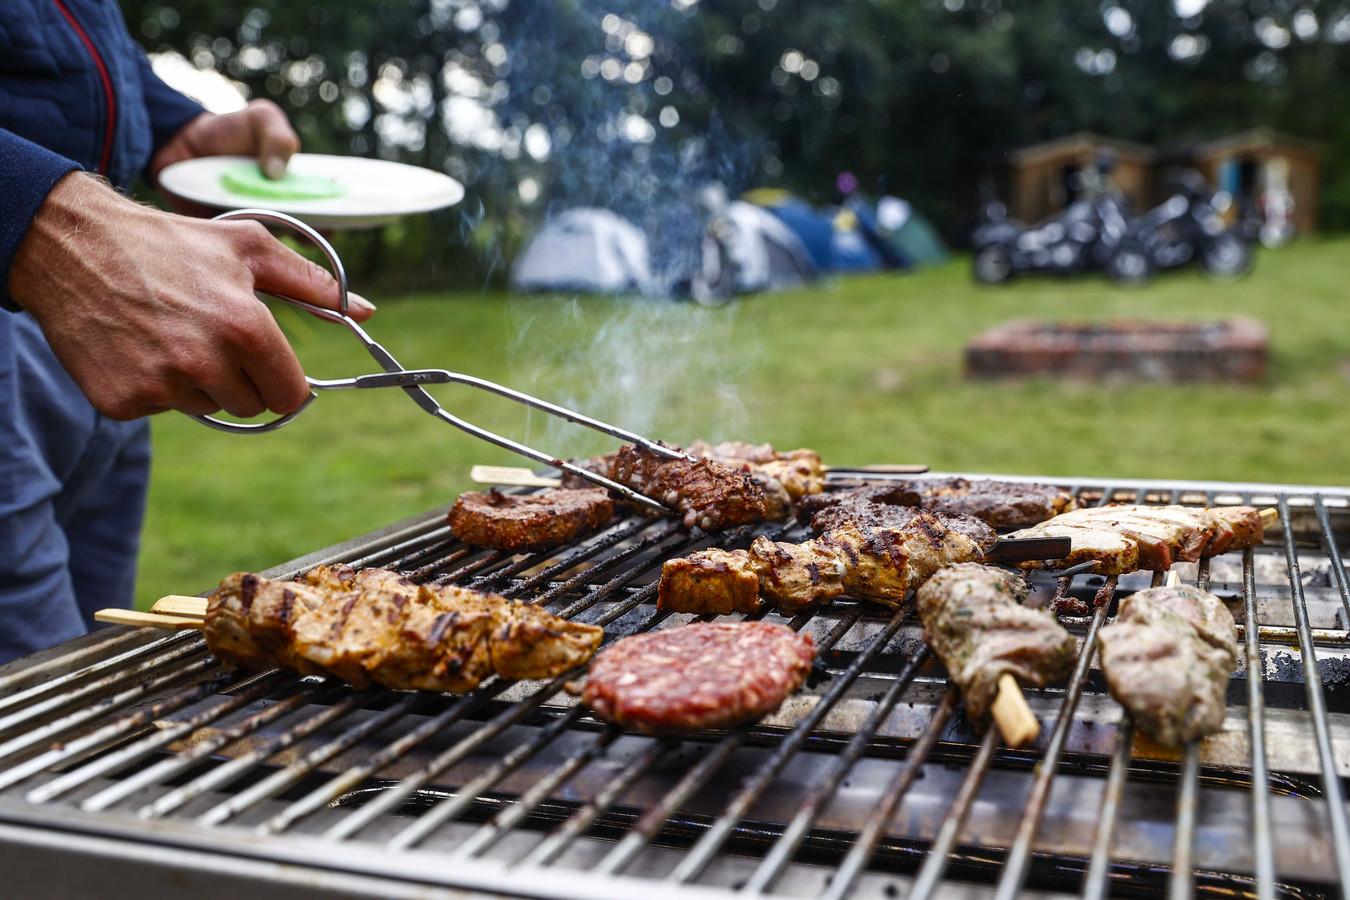 2020-08-01 19:36:41 EASTERMAR - Sfeerbeeld van de barbecue op motorcamping 't Witveen. Op de camping zijn uitsluitend motorrijders welkom. ANP VINCENT JANNINK